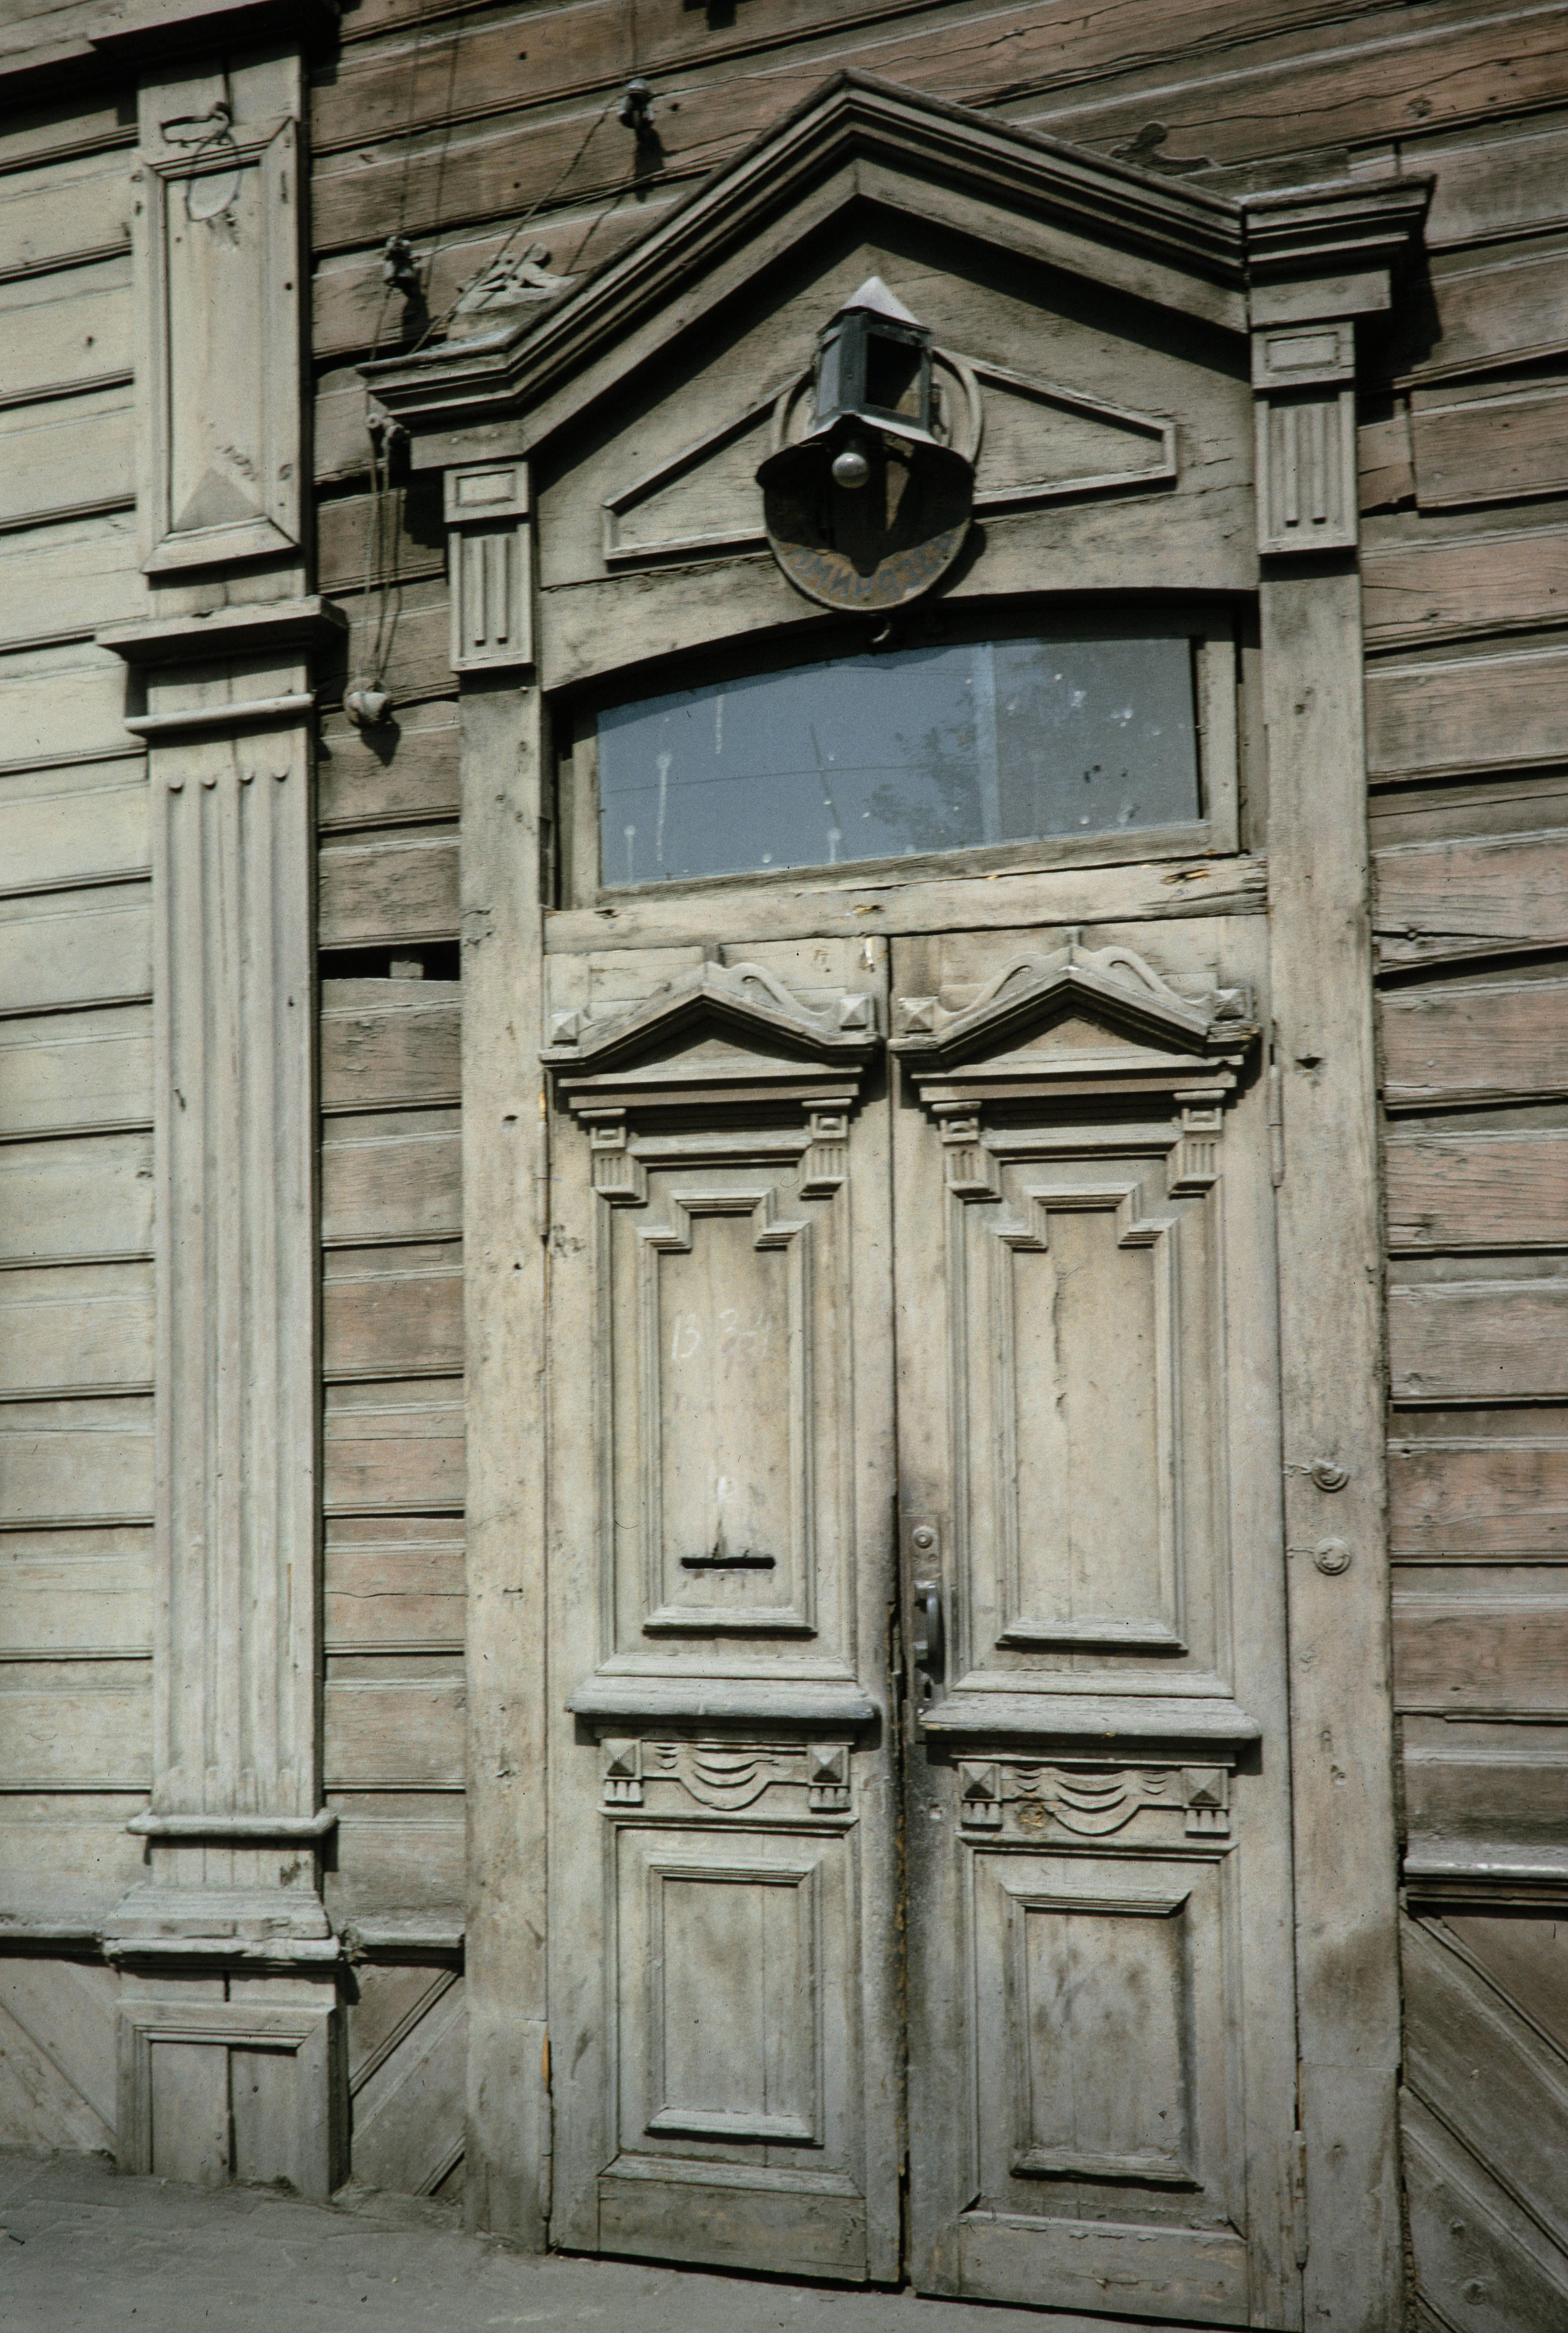 Улица Тимирязева, 19. Дверь деревянного дома